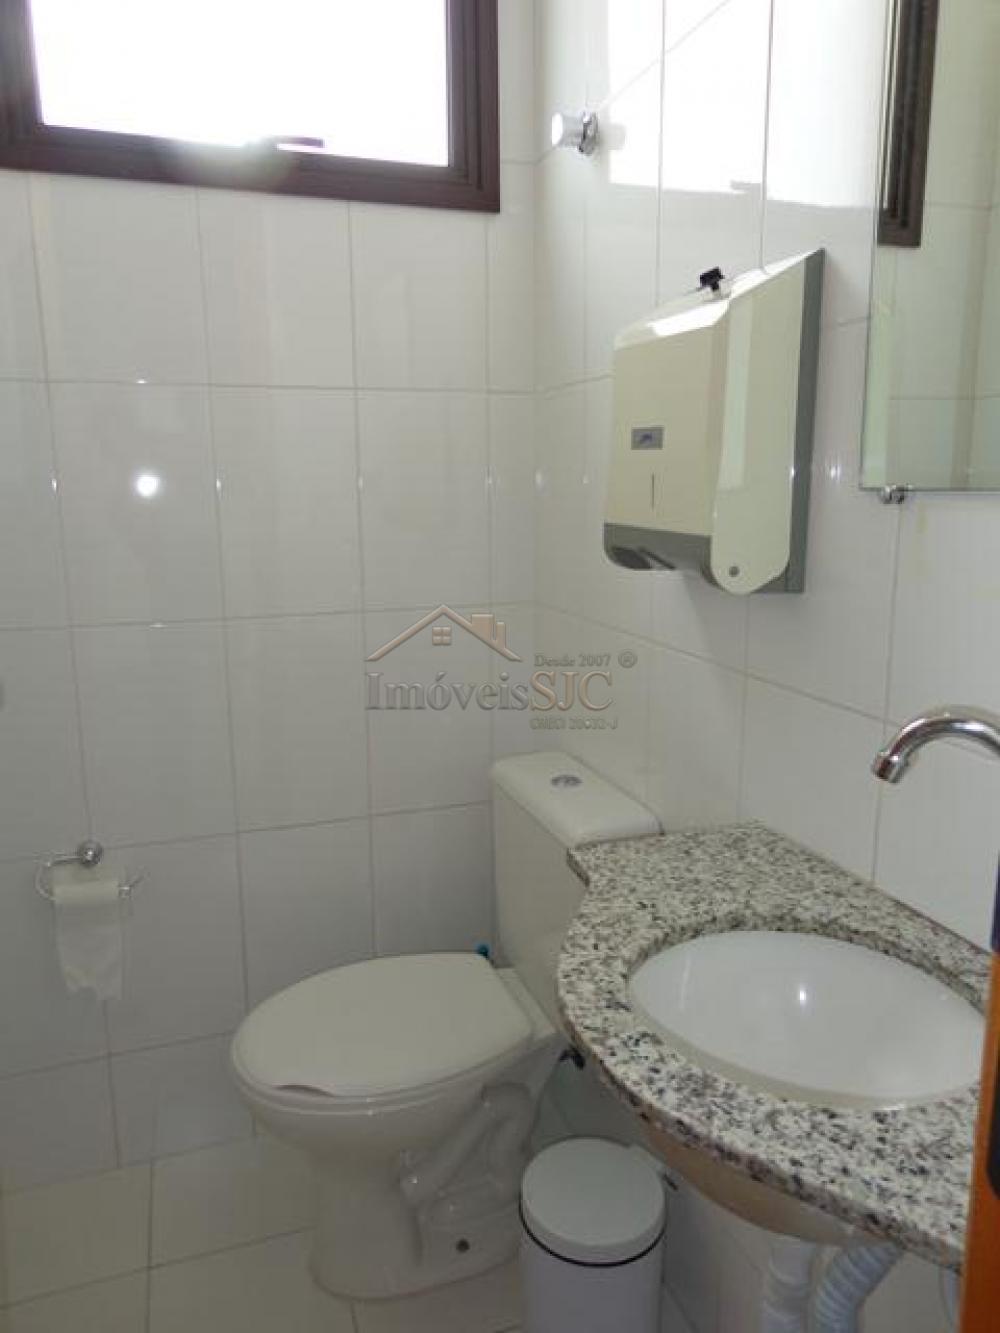 Alugar Comerciais / Sala em São José dos Campos apenas R$ 1.550,00 - Foto 8